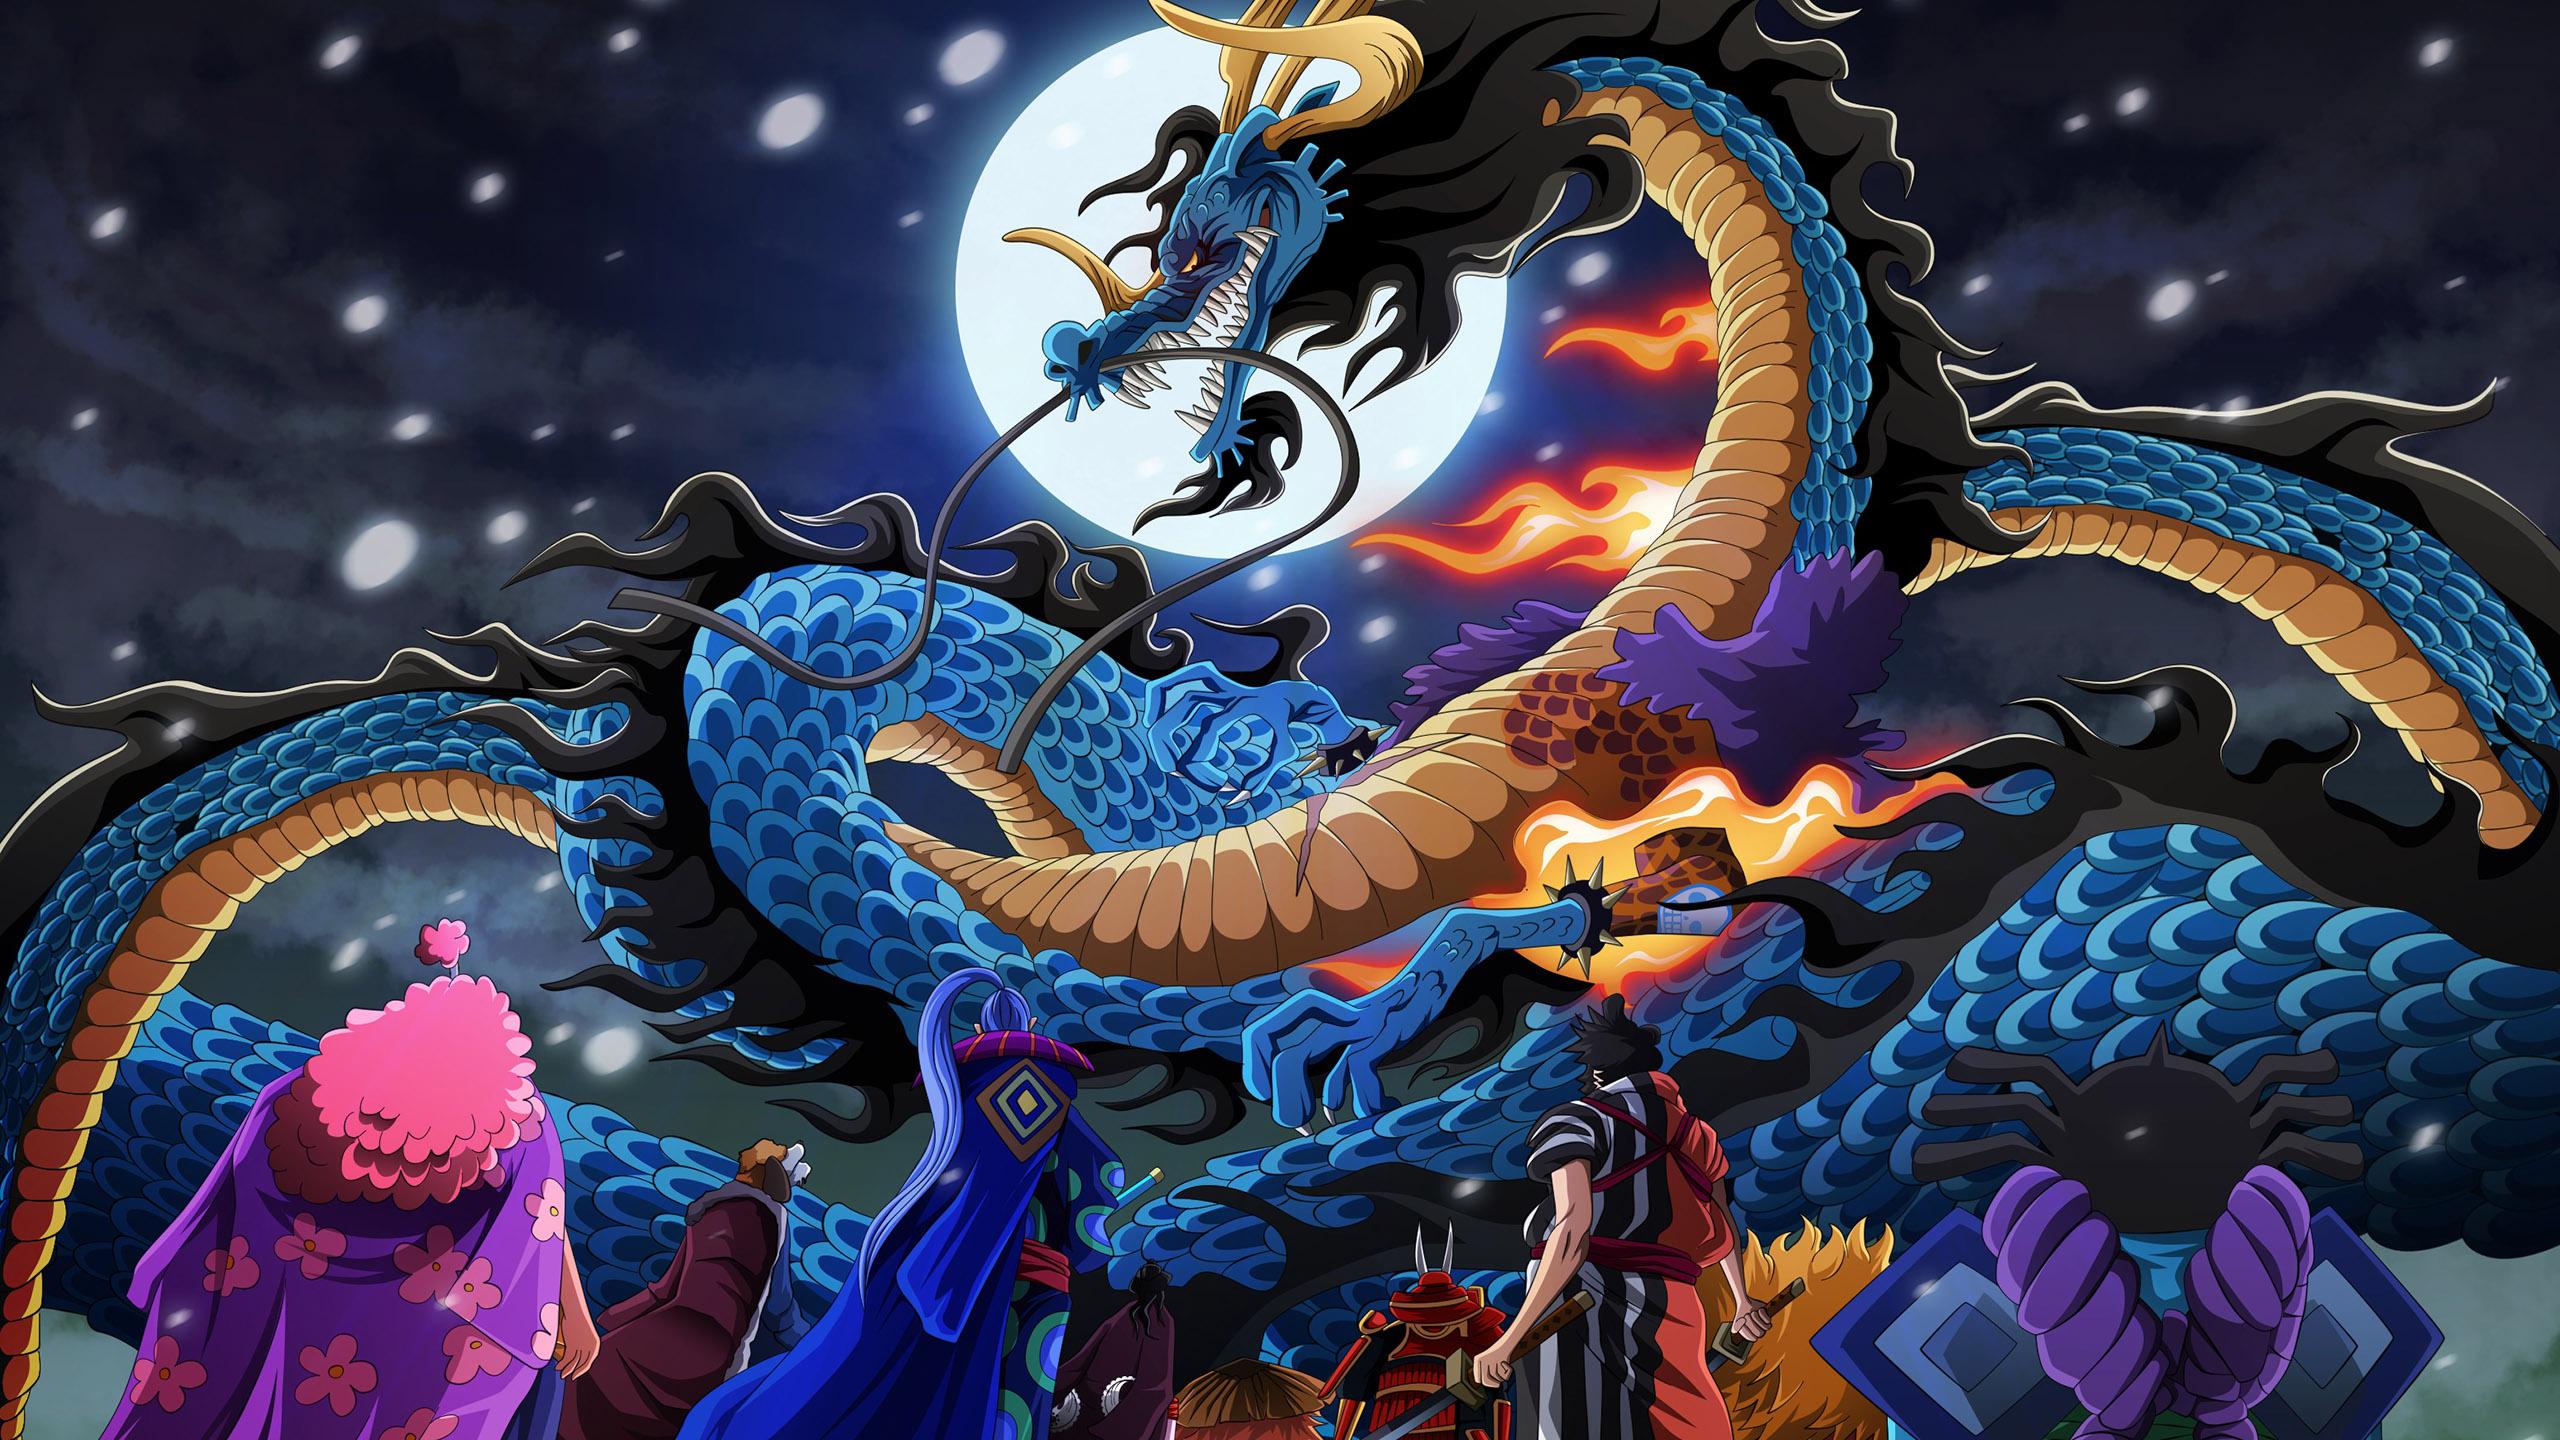 动漫卡通,海贼王,凯多,龙,月亮,和之国